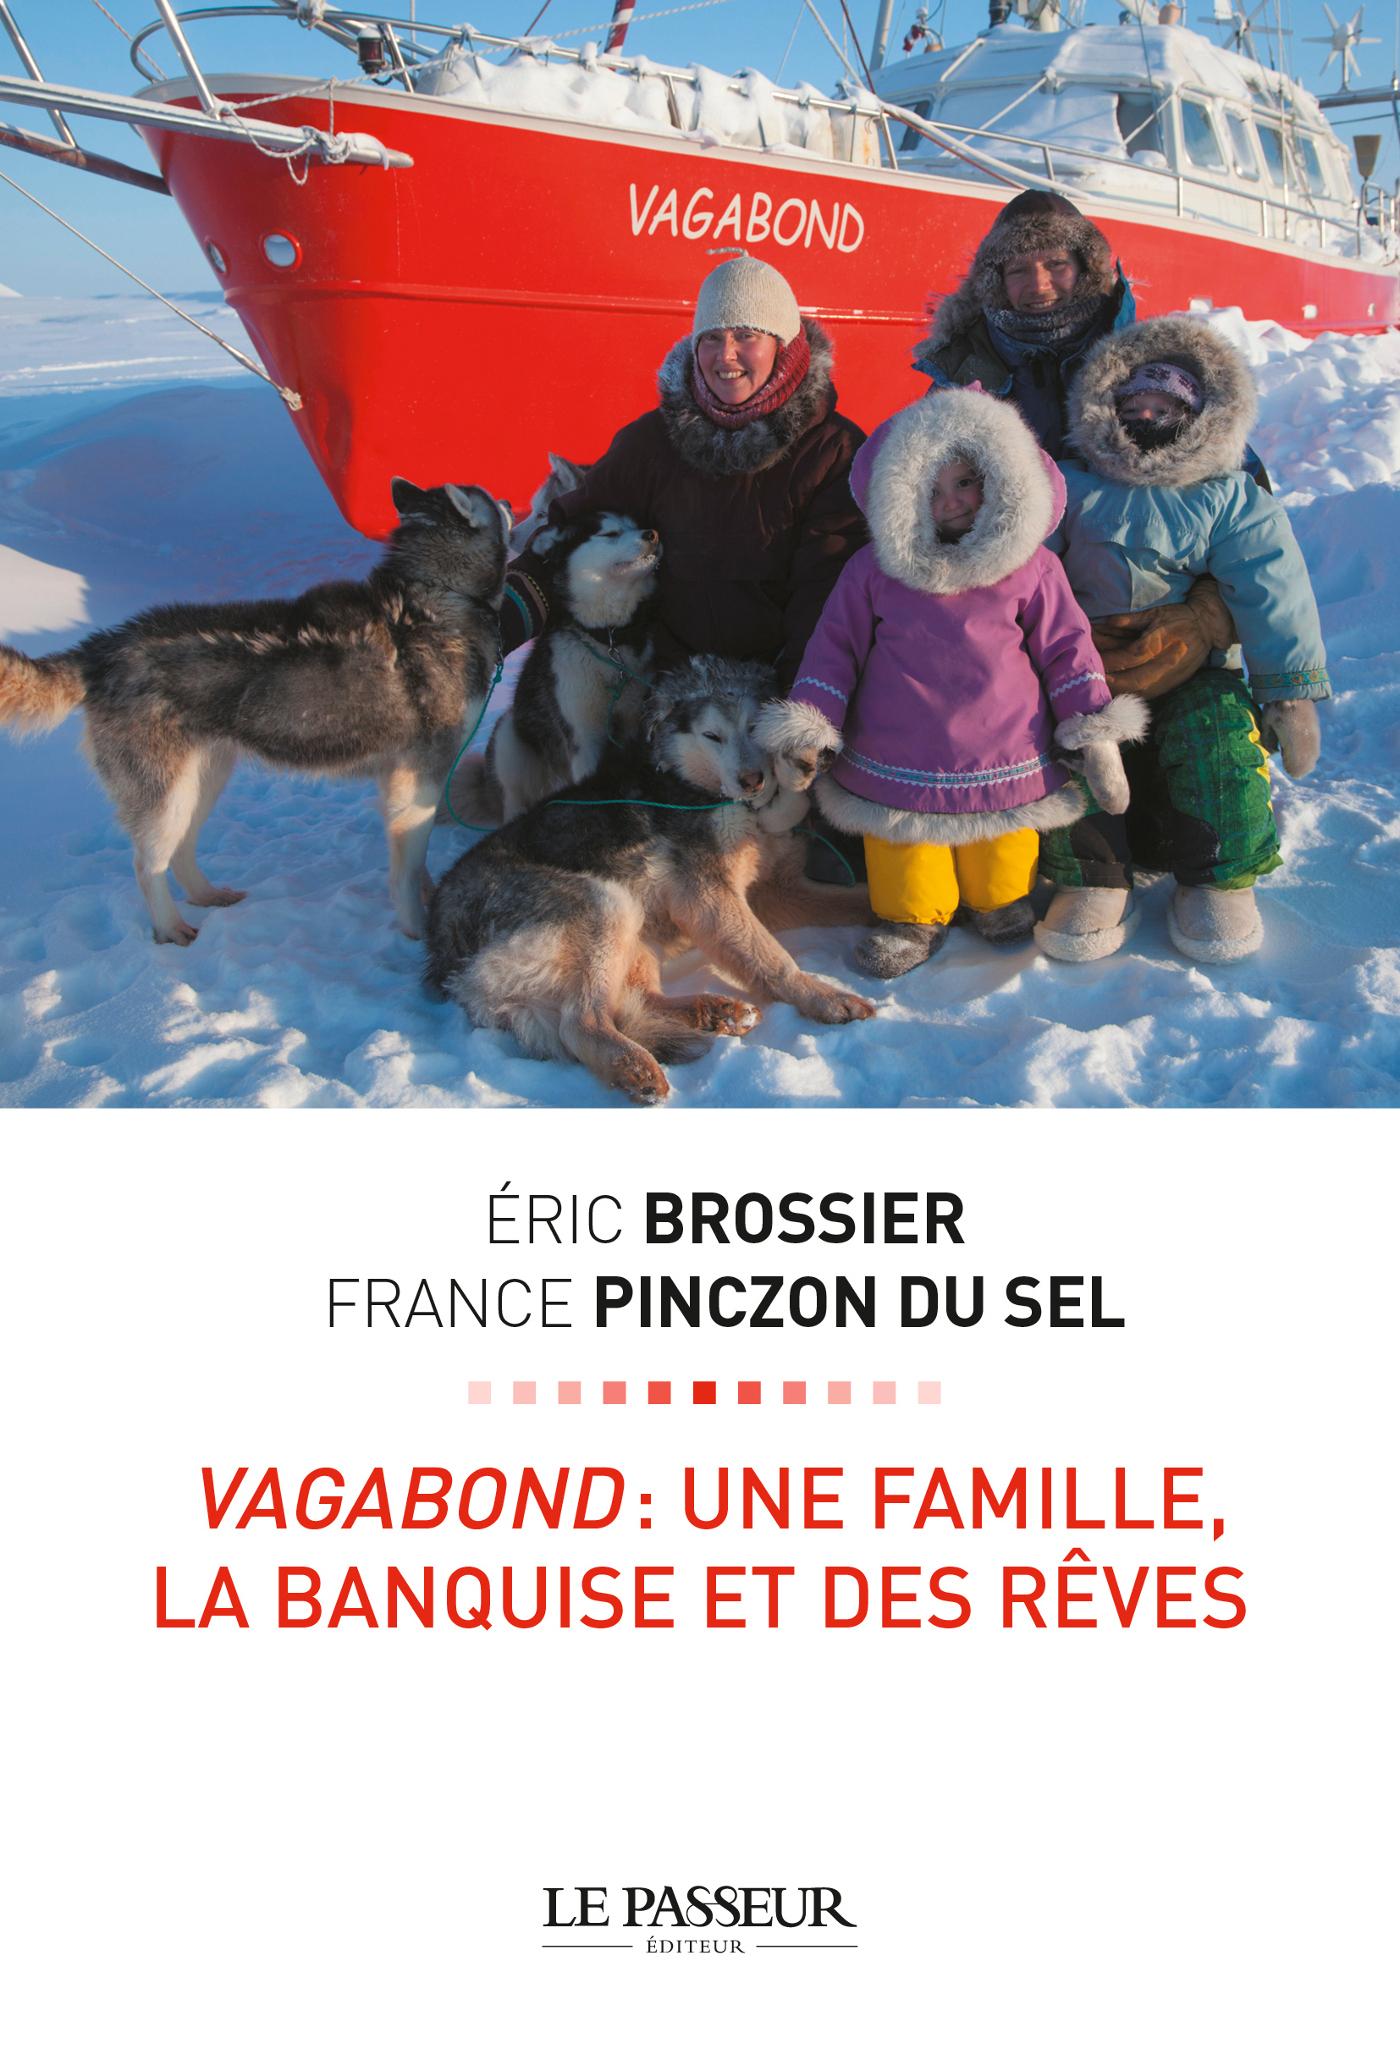 VAGABOND : UNE FAMILLE, LA BANQUISE ET DES REVES